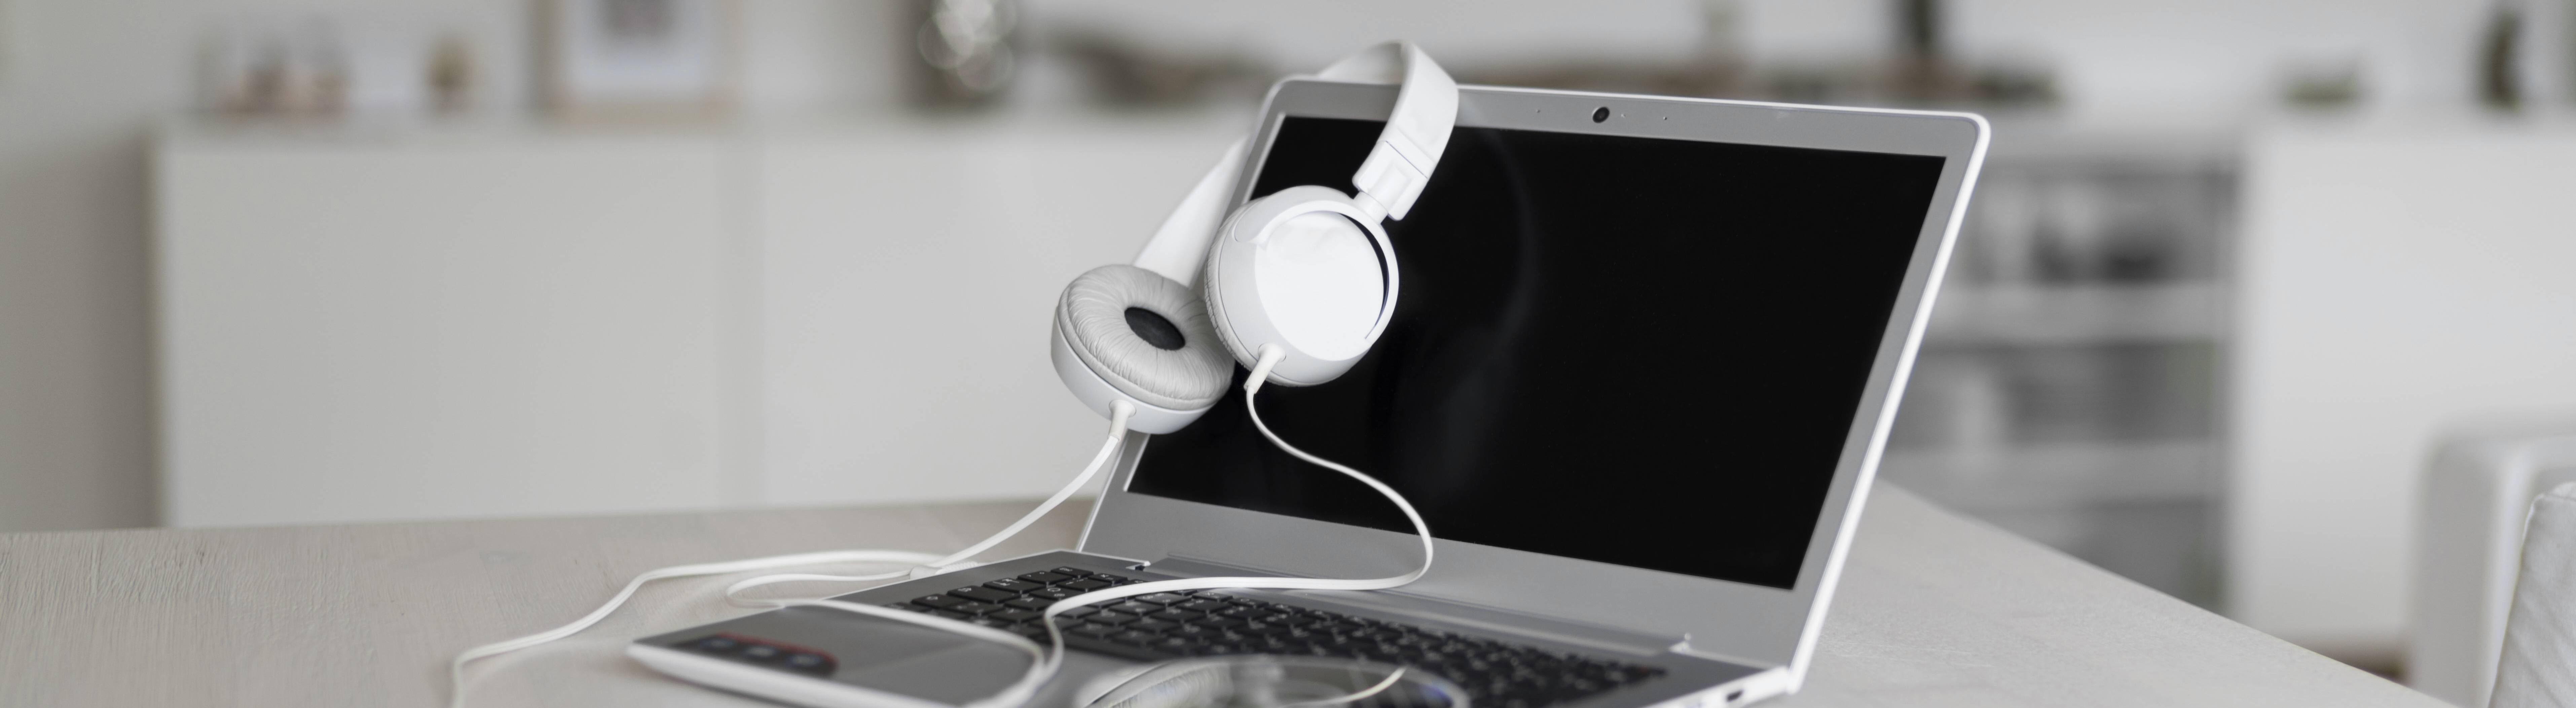 Laptop mit Kopfhörern und CD oder DVD